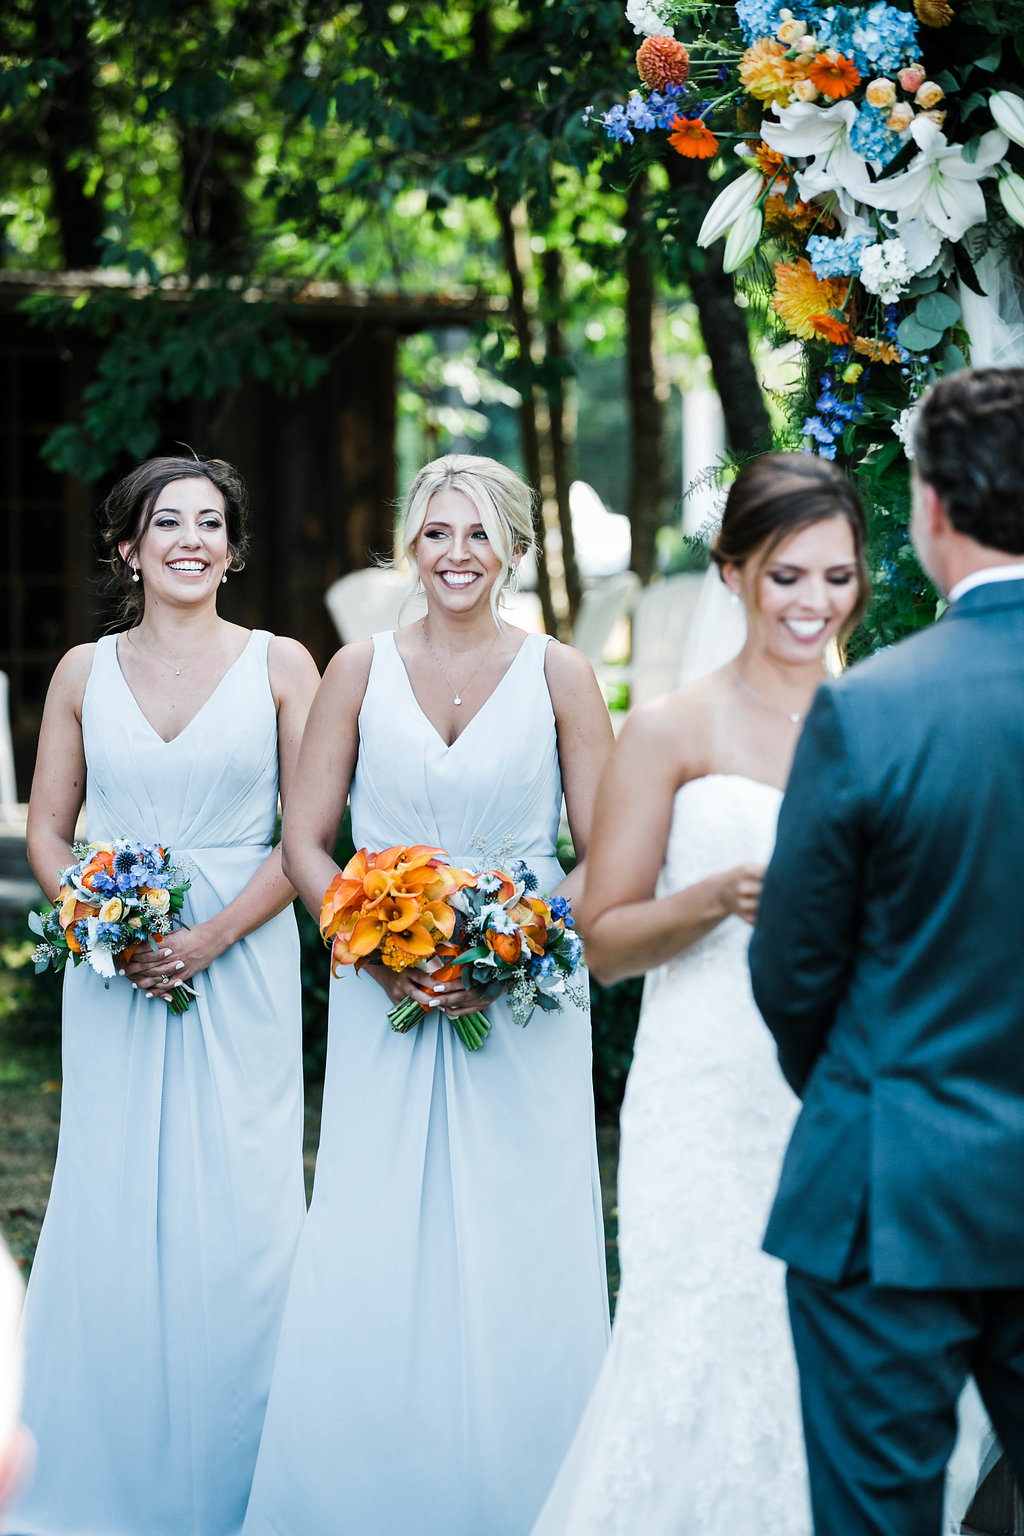 Erin+Tyson_The_Kelley_Farm_Wedding_by_Adina_Preston_Weddings_633.JPG